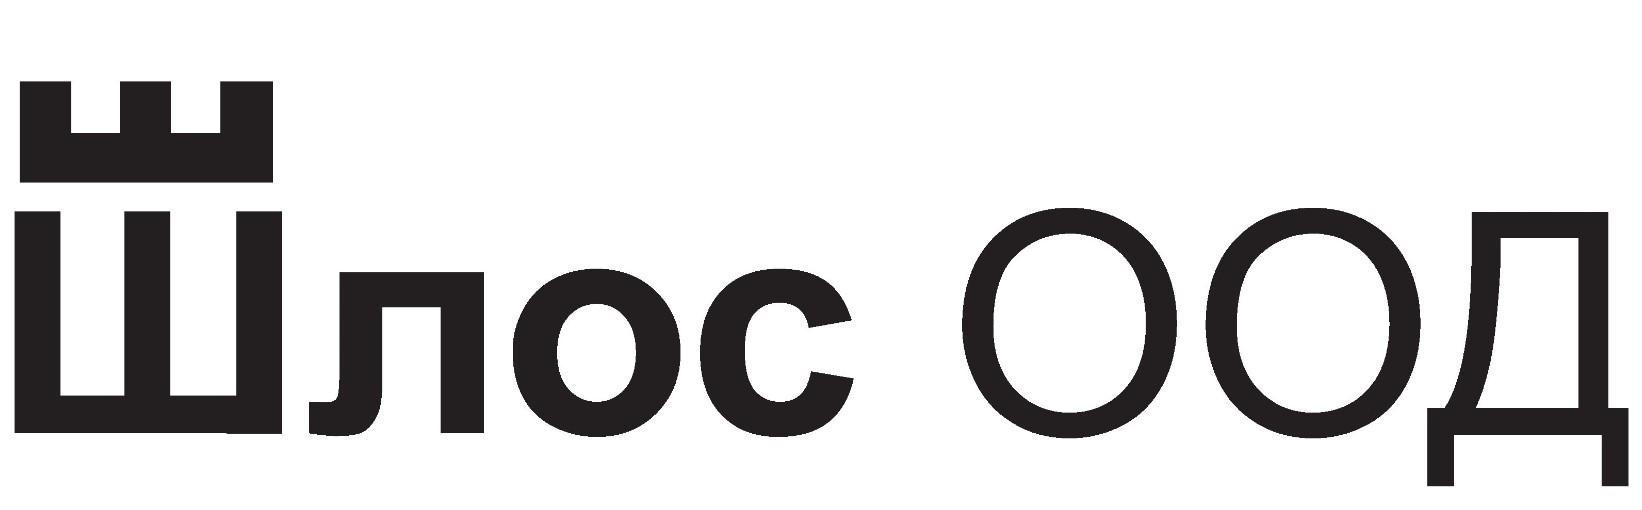 """Фирма БУЛ РЕНТ СОФИЯ с дарение от 10 000лв. на """"Софиямед"""" за борбата с COVID-19"""